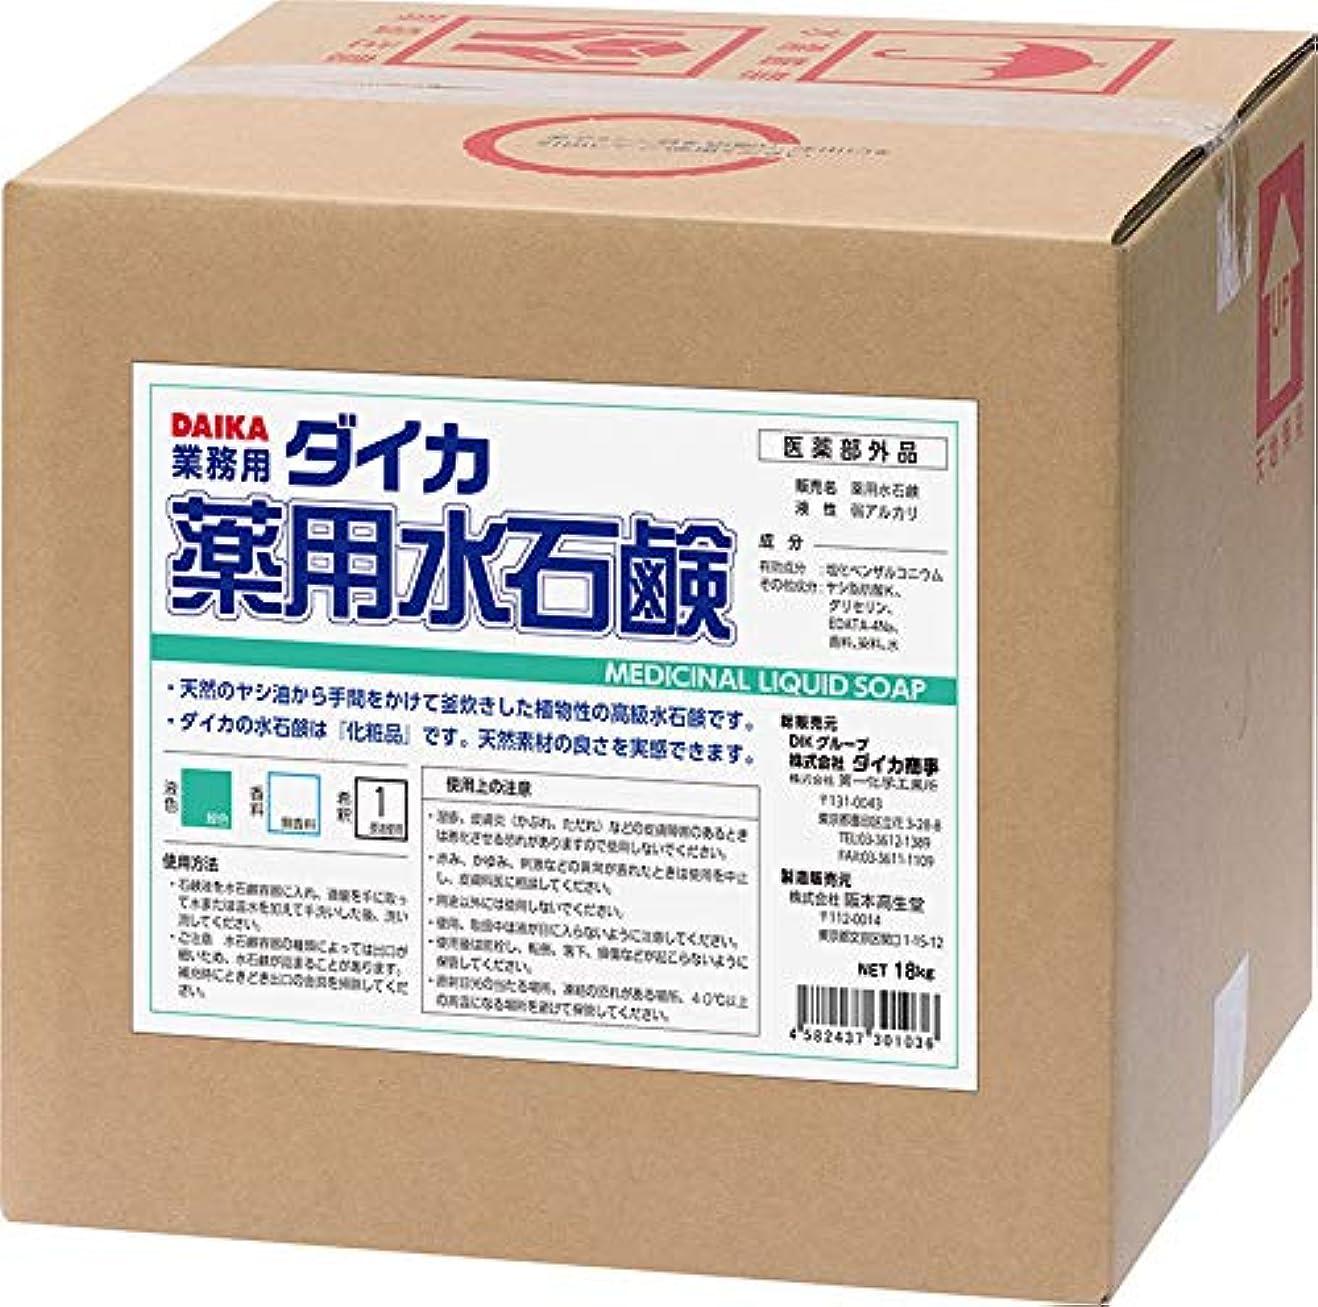 呪いマニフェスト恐れる【医薬部外品】業務用 ハンドソープ ダイカ 薬用 水石鹸 MGN 18kg